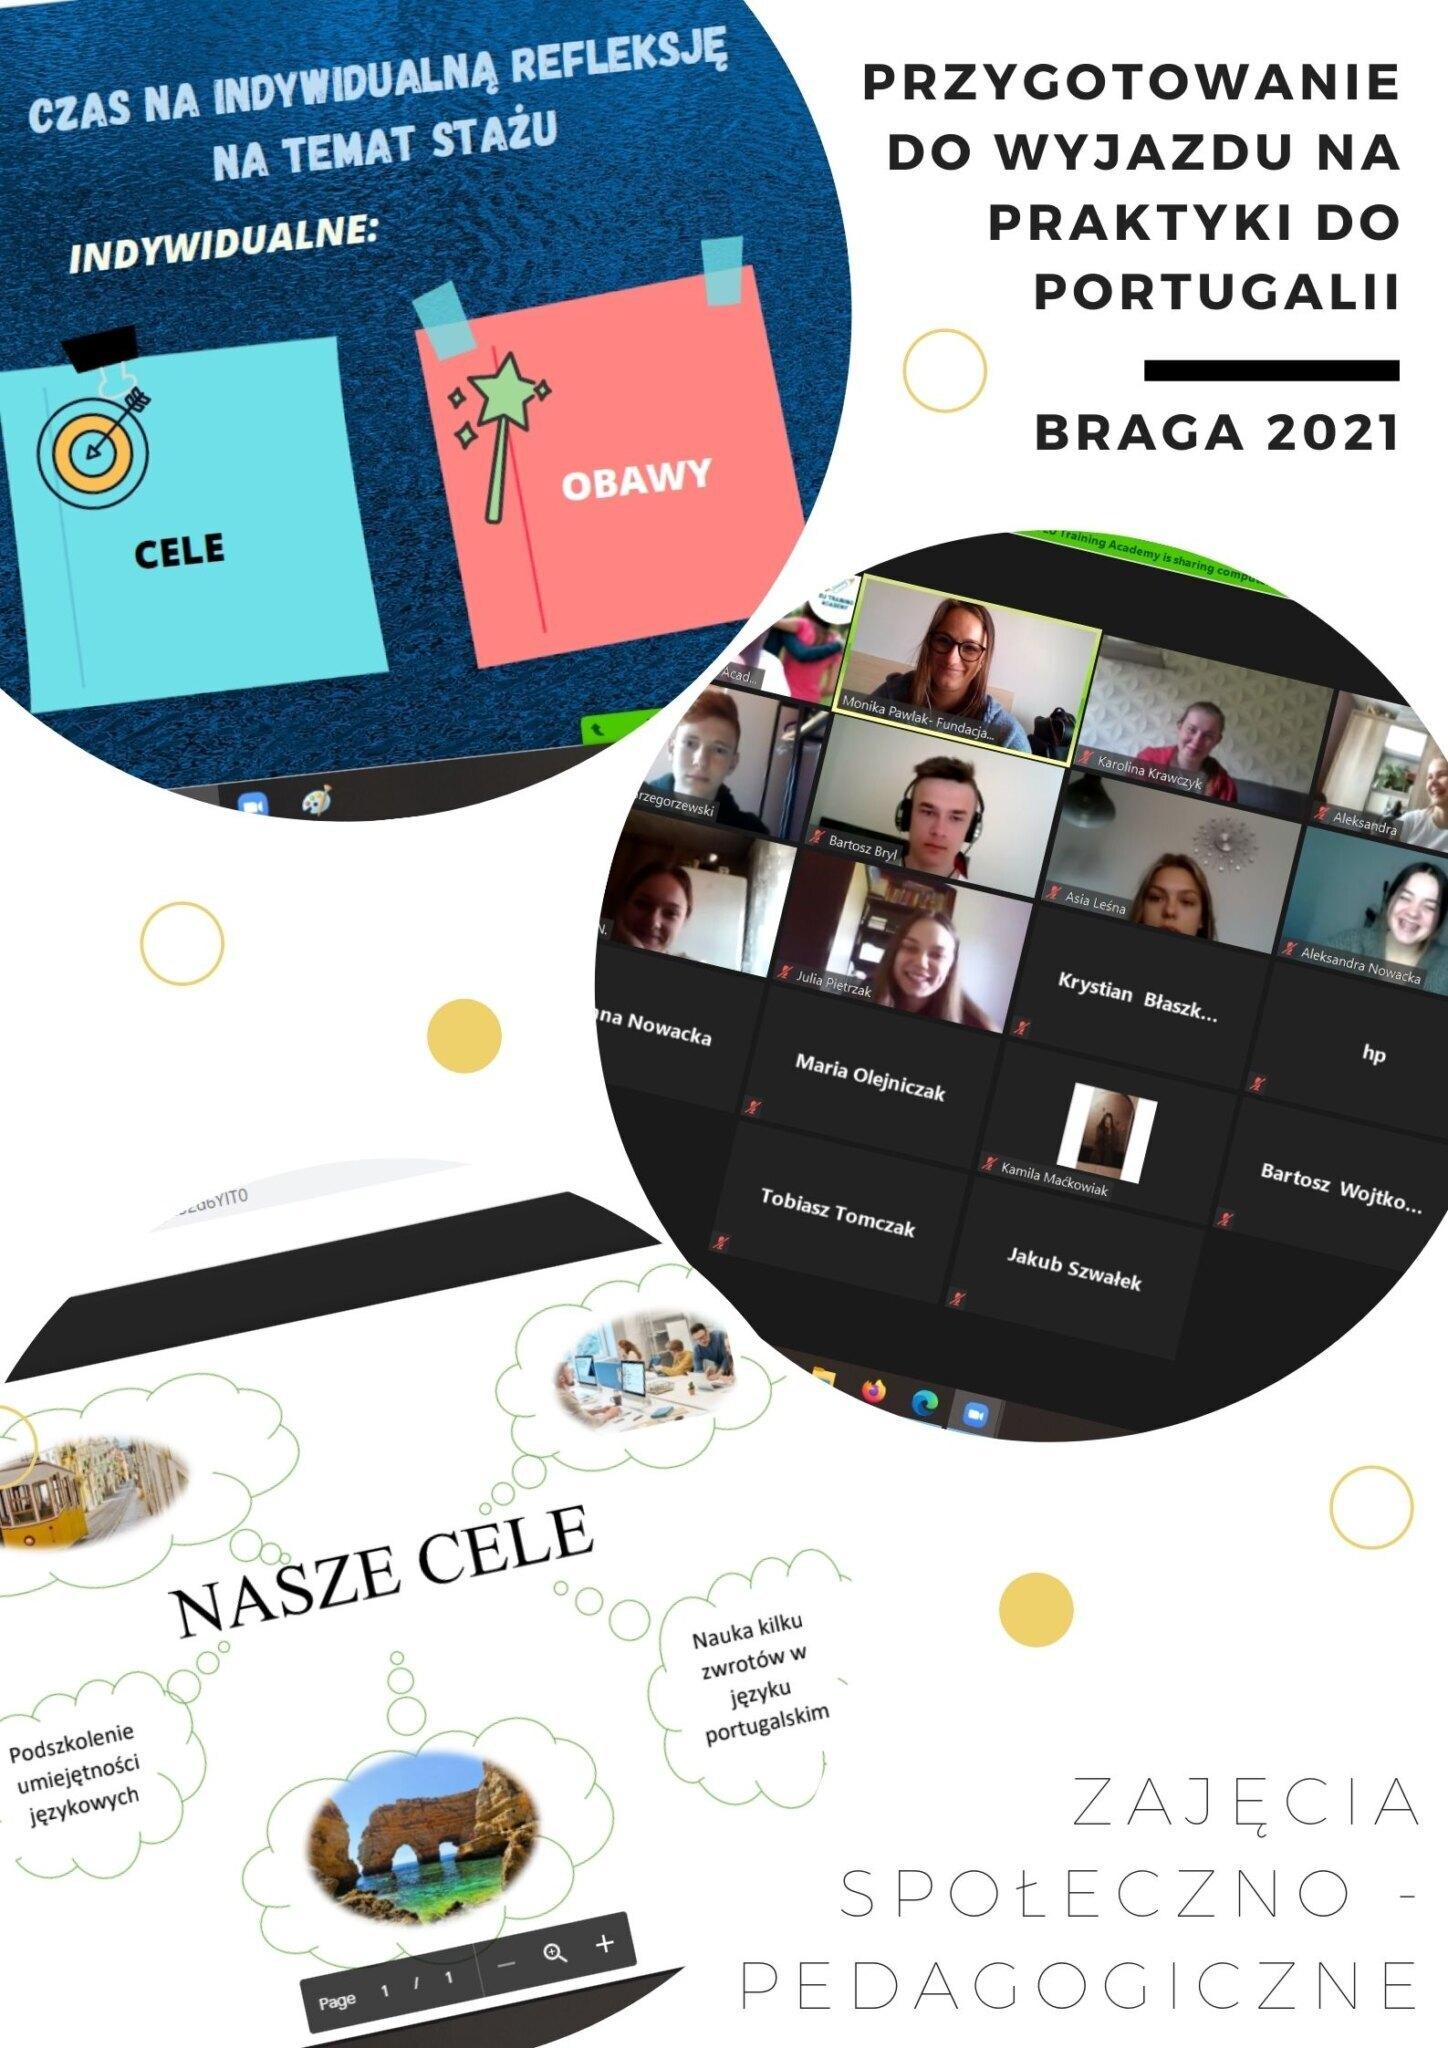 Trzy zdjęcia z przygotowania online do wyjazdu na praktyki do Portugalii - zajęcia społeczno-pedagogiczne.